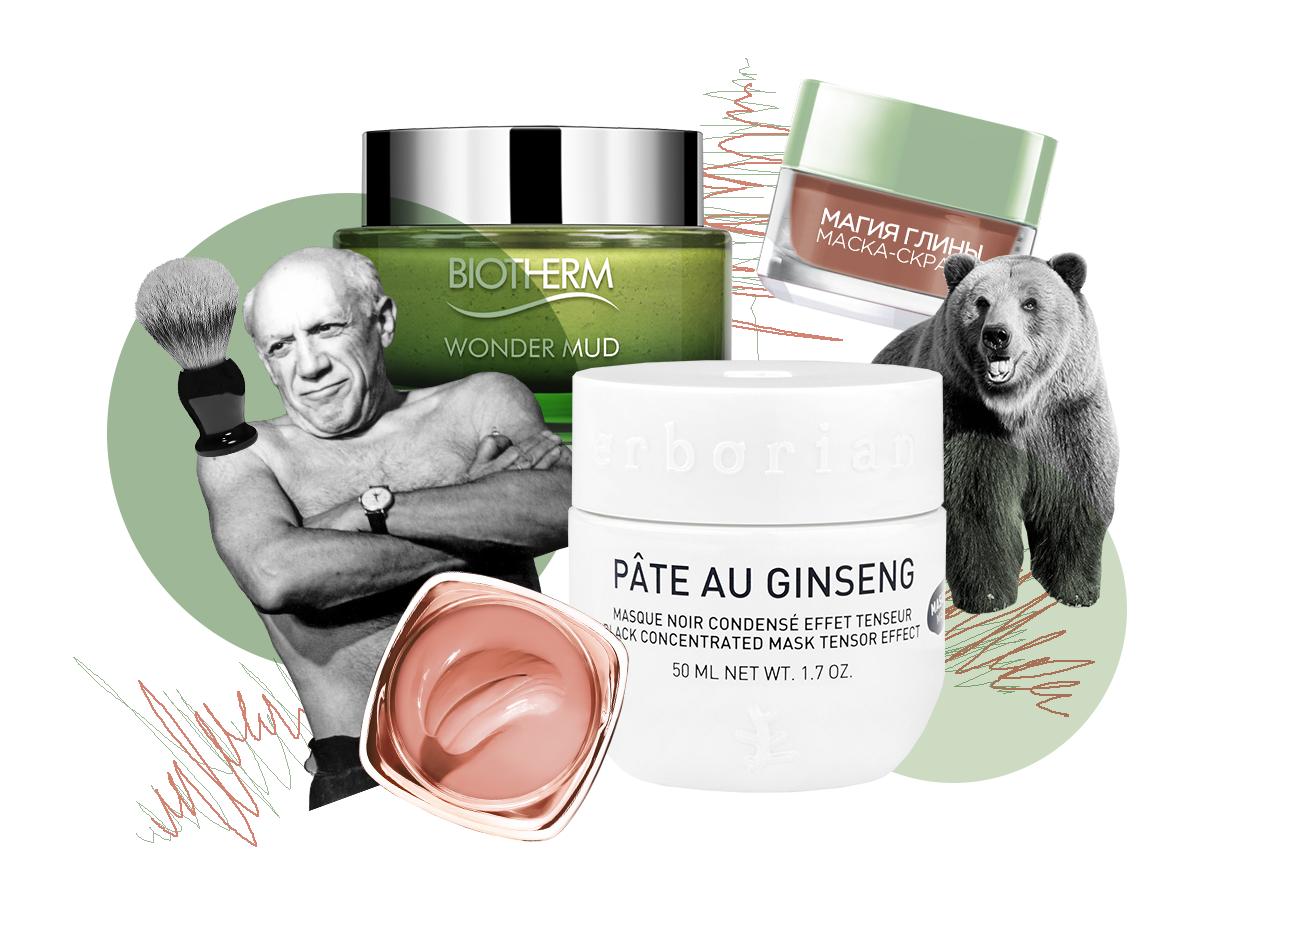 Лифтинг-маска с экстрактом женьшеня Pâte au Ginseng, Erborian Отшелушивающая маска-скраб «Магия глины», L'Oréal Paris Очищающая маска для лица Skin Best Wonder Mud, Biotherm